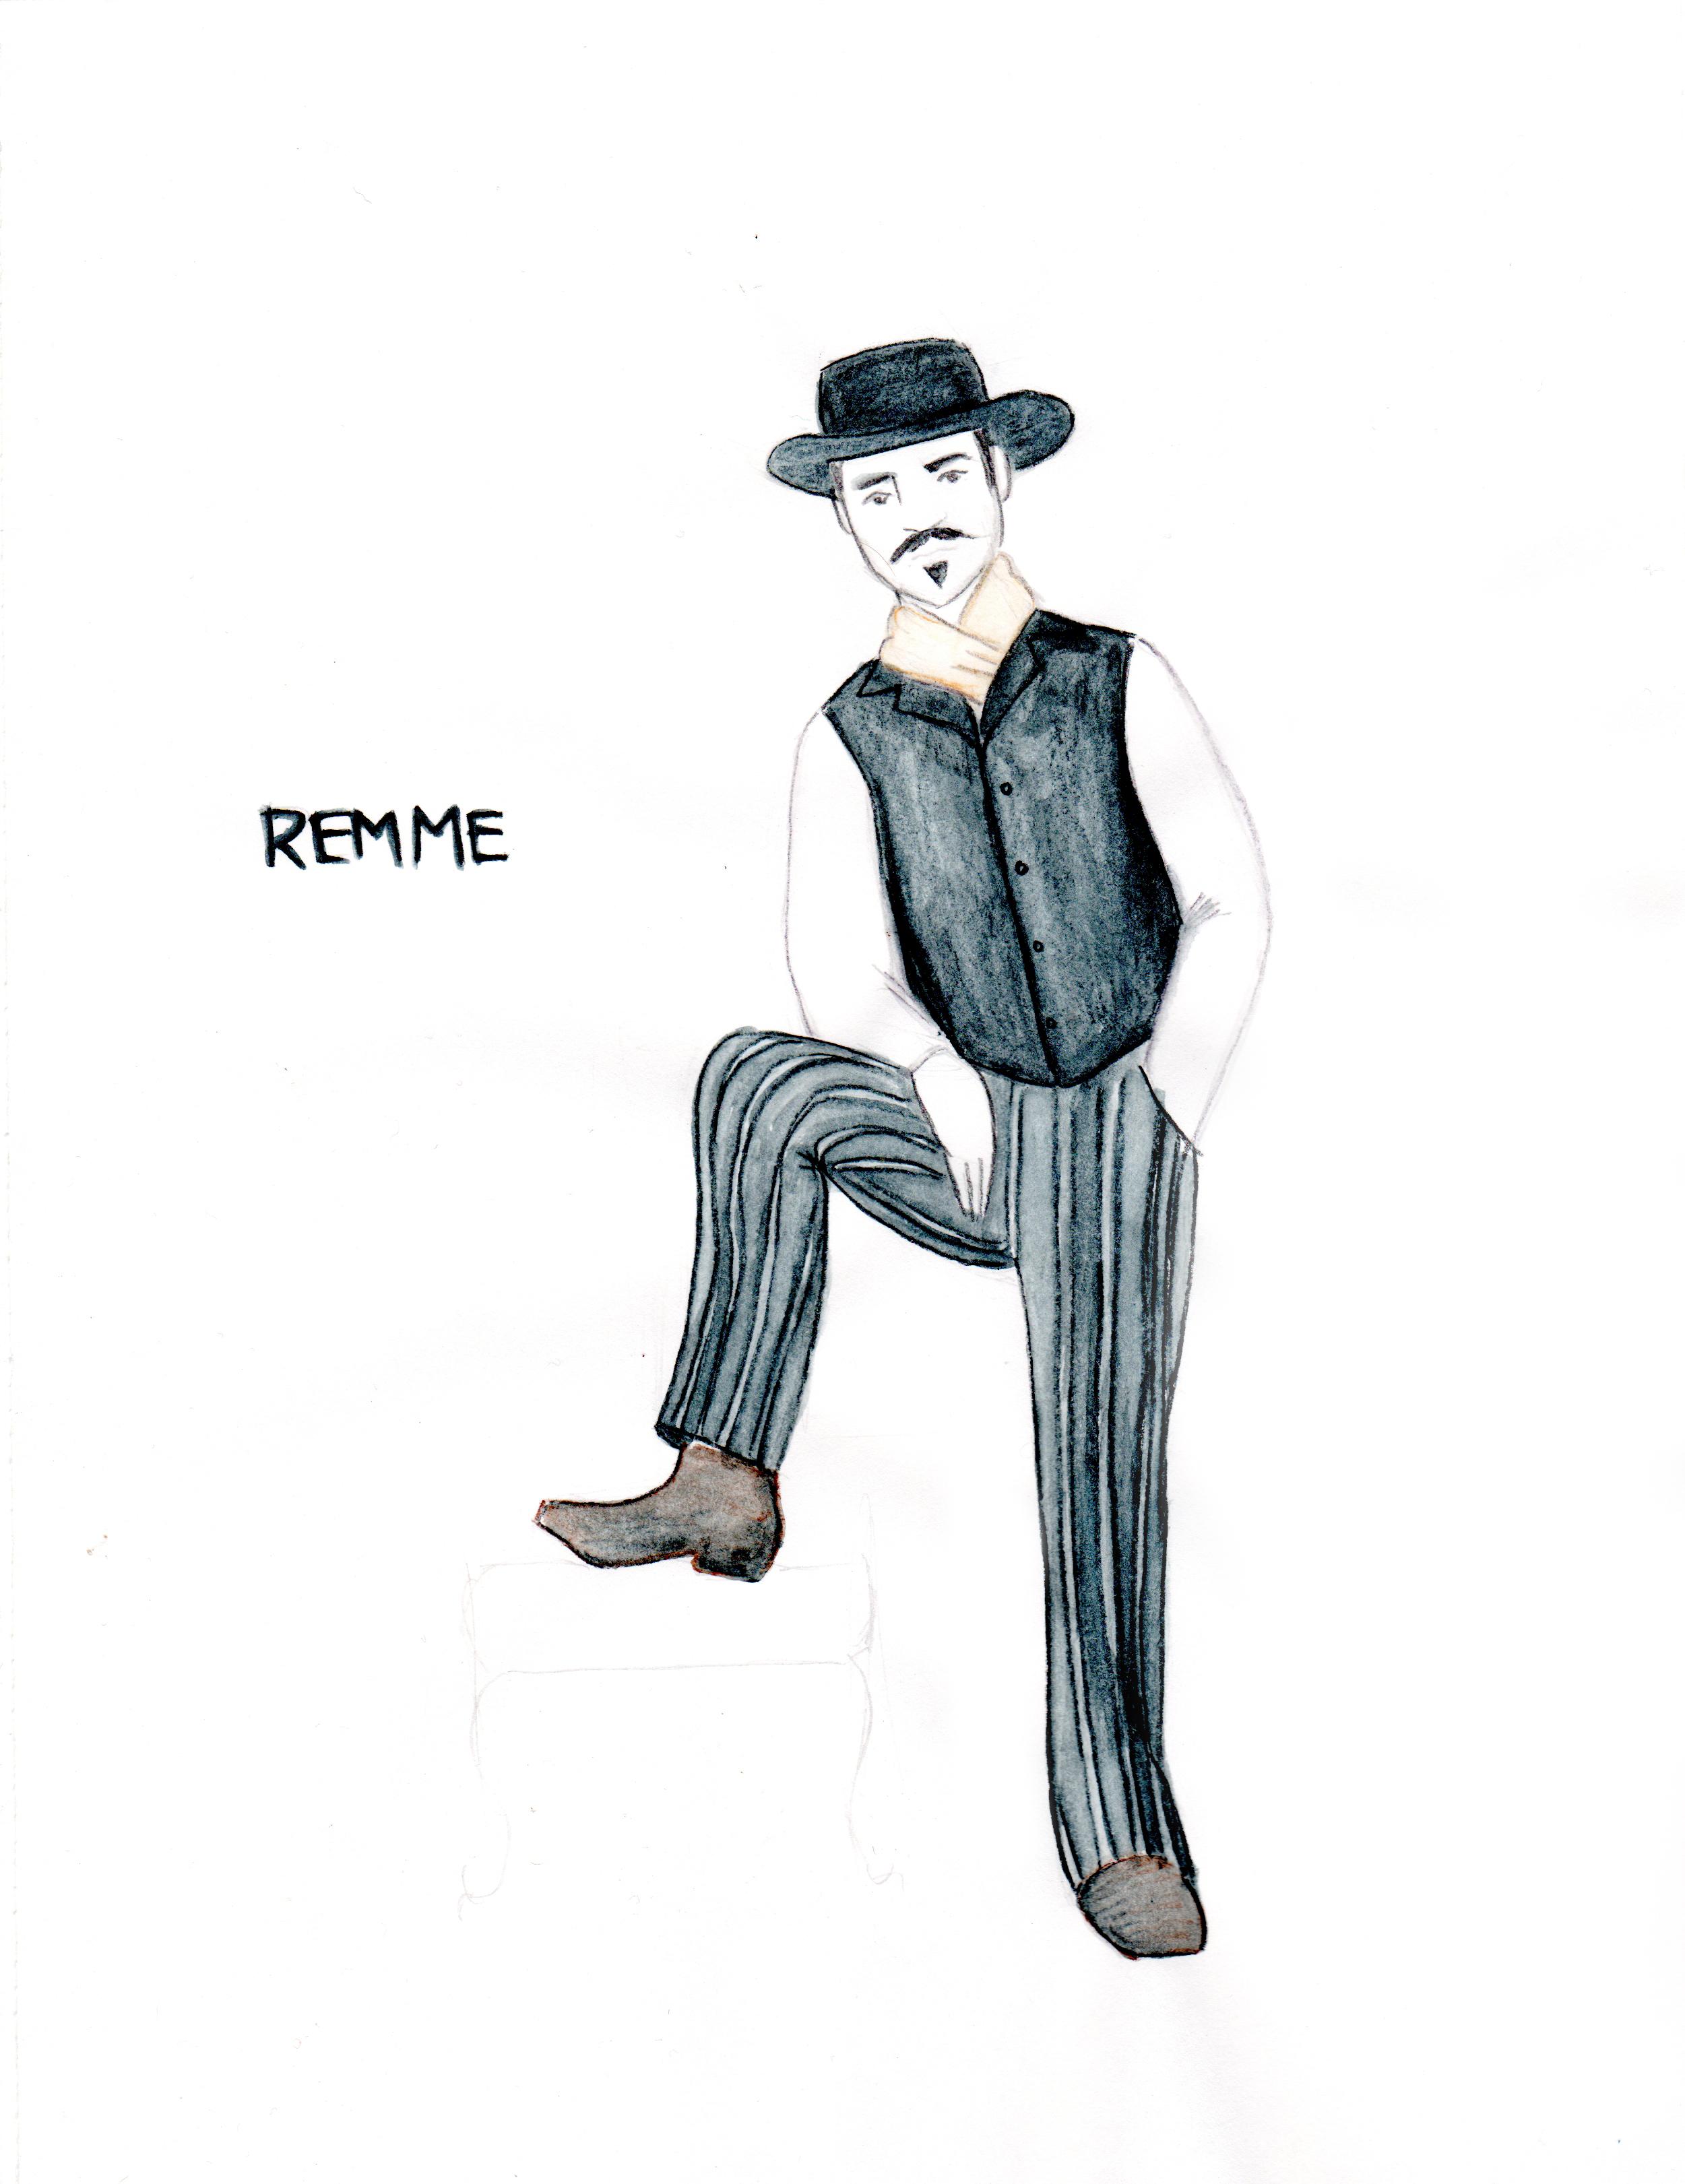 Remme's Run - Remme